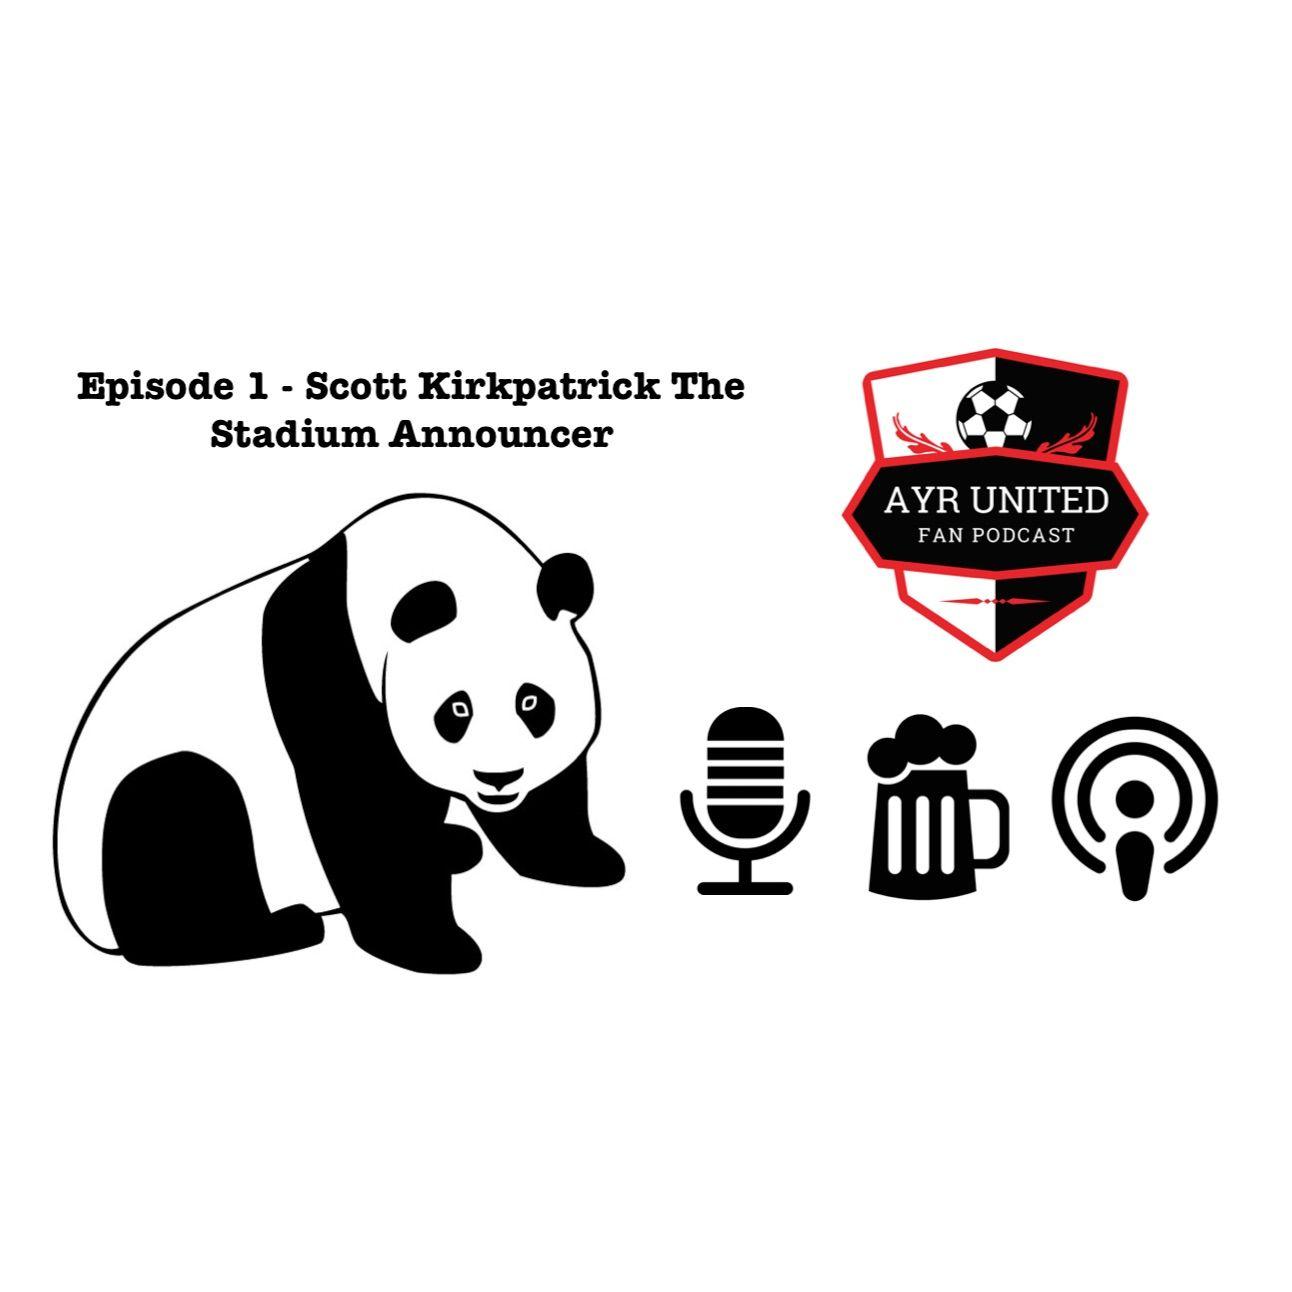 Episode 1 - Scott Kirkpatrick Stadium Announcer - Ayr United Fan Podcast